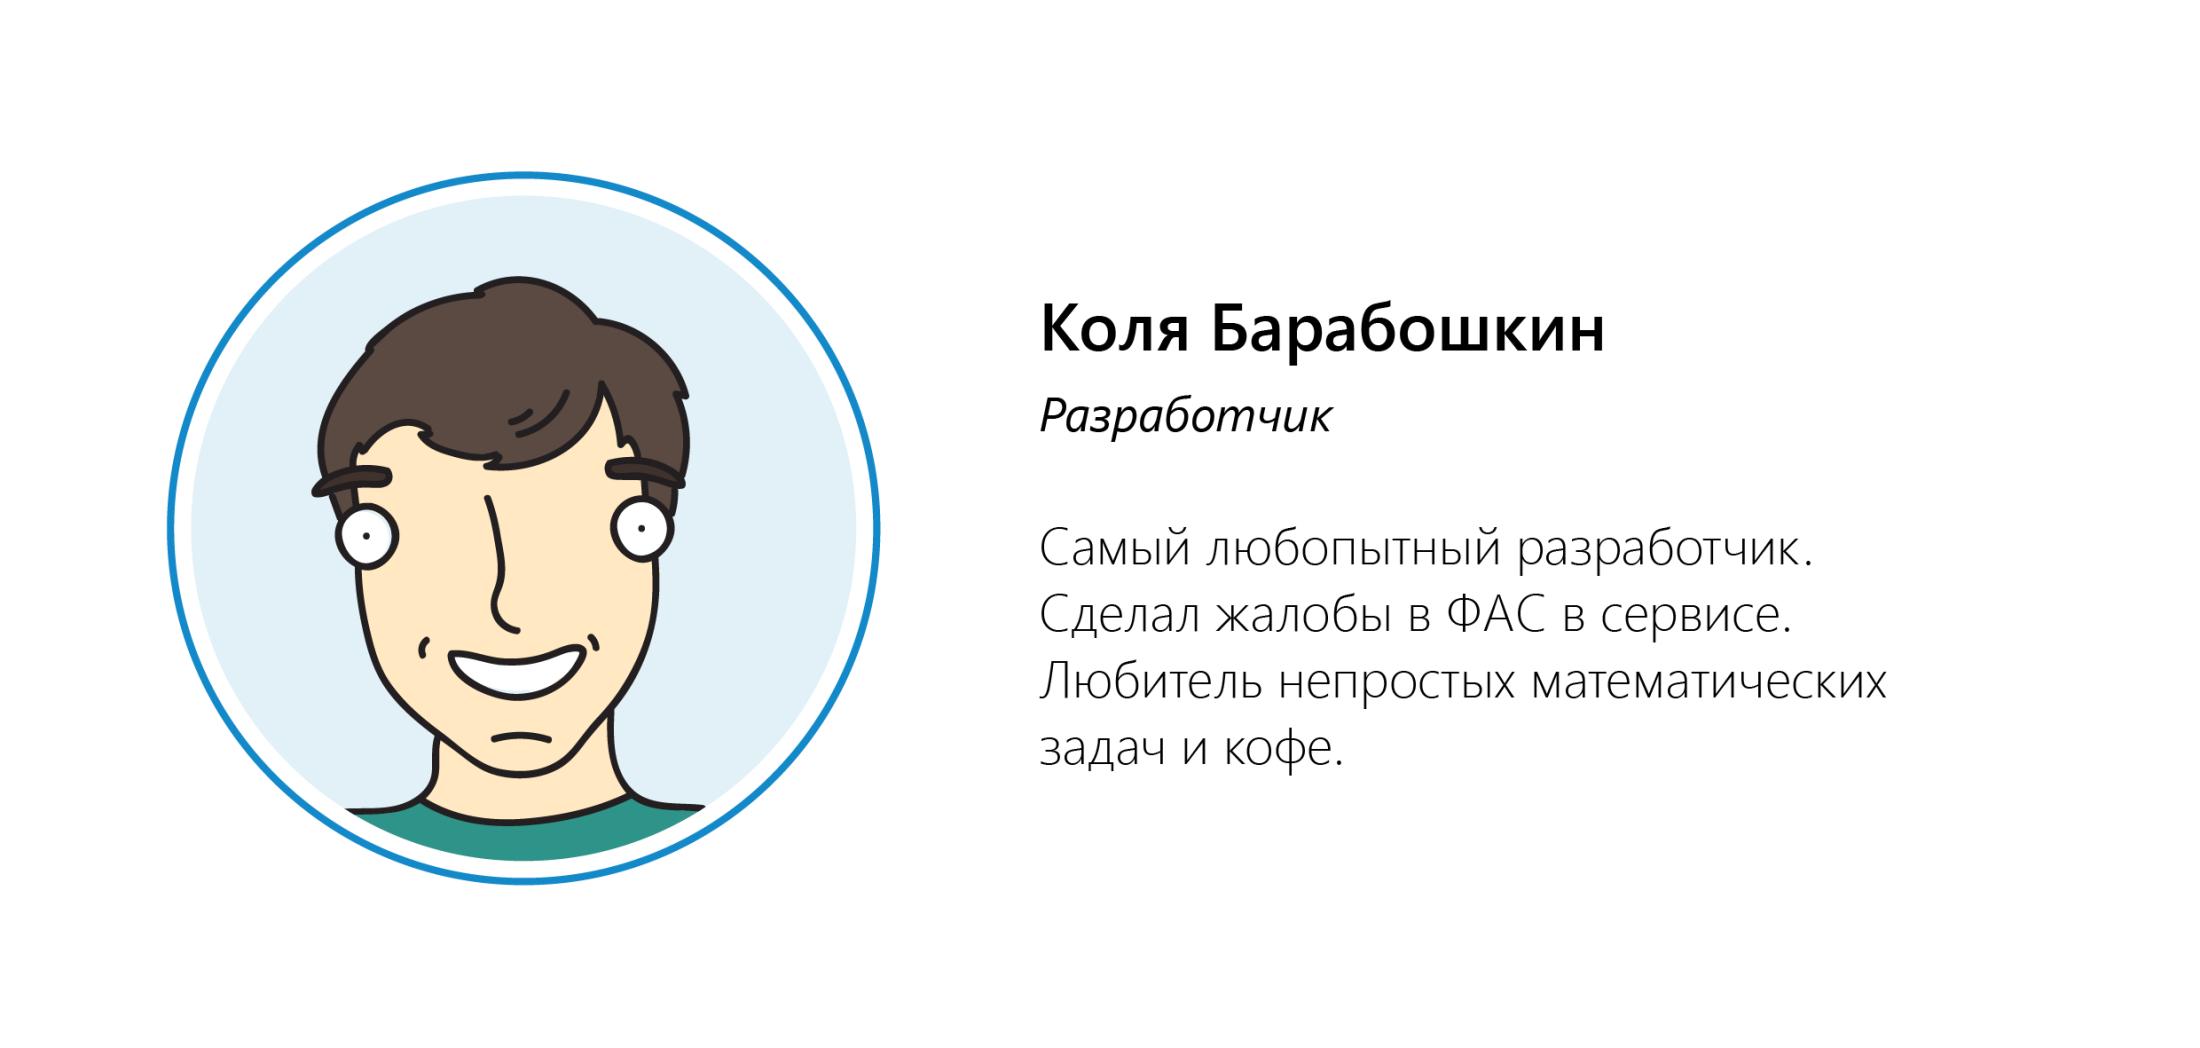 Коля Барабошкин